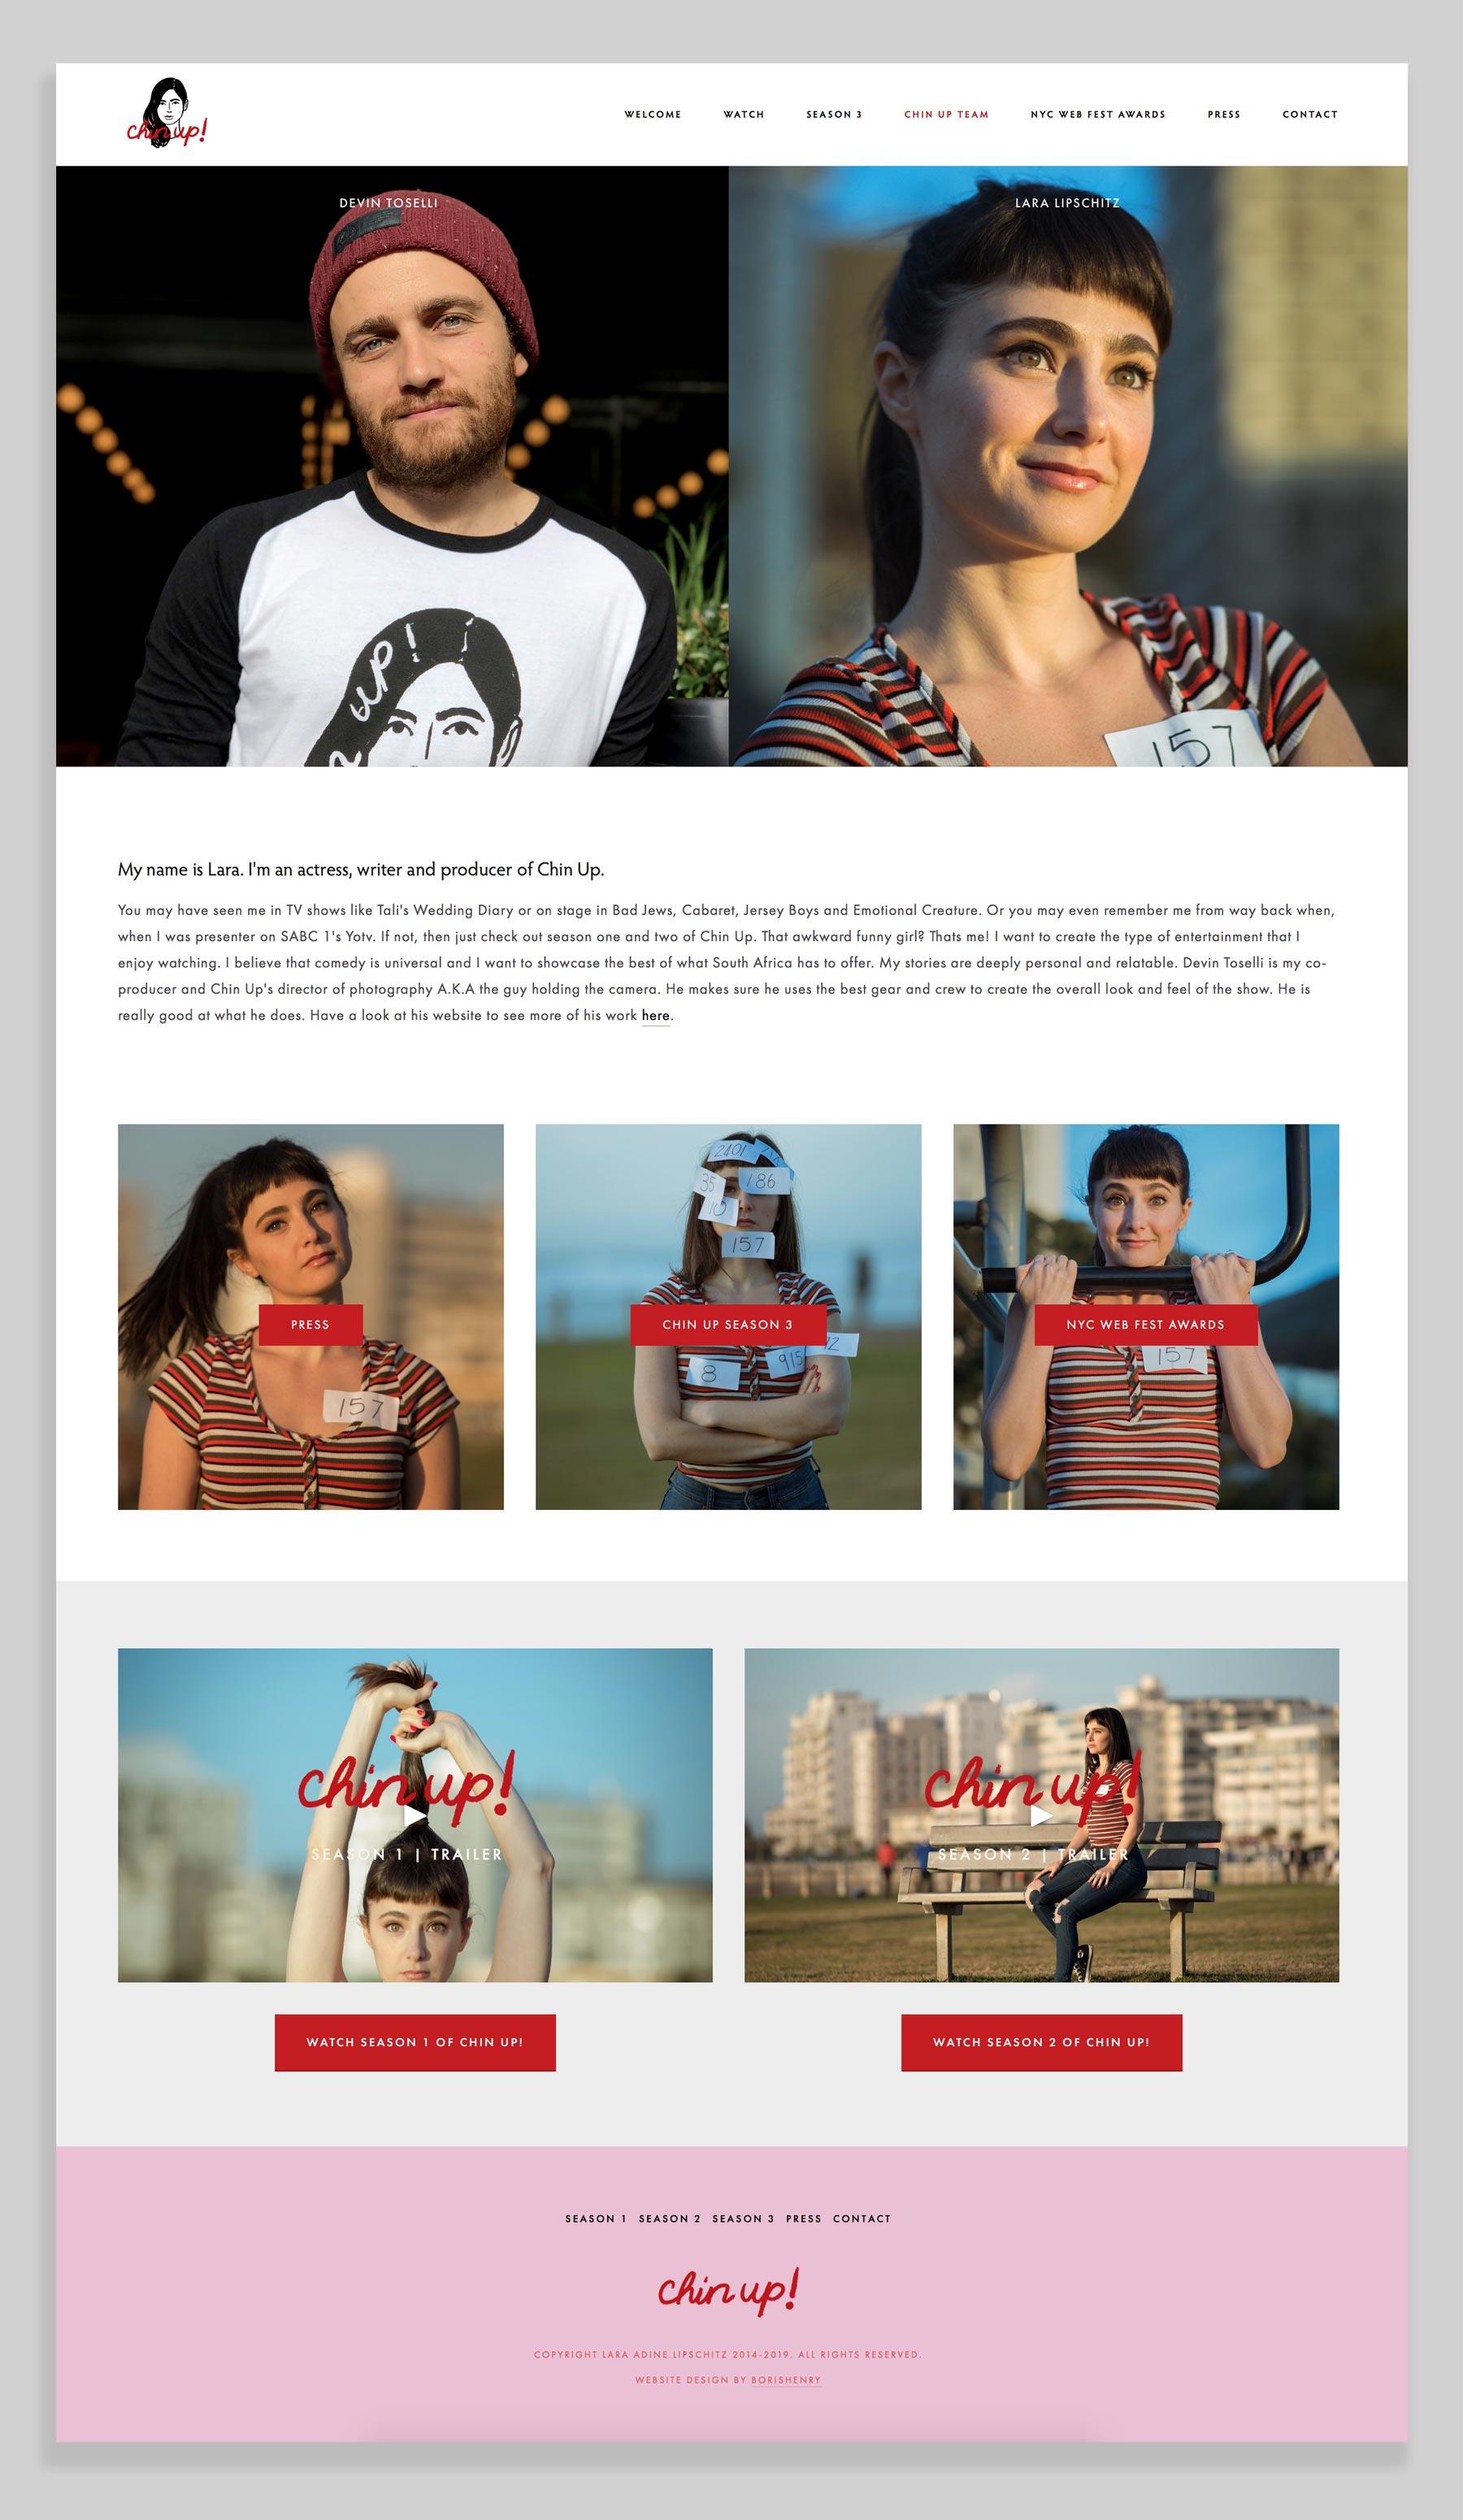 BorisHenry-Design-Brand-Agency-Cape-Town-Chin-Up-Lara-Lipschitz-2.jpg